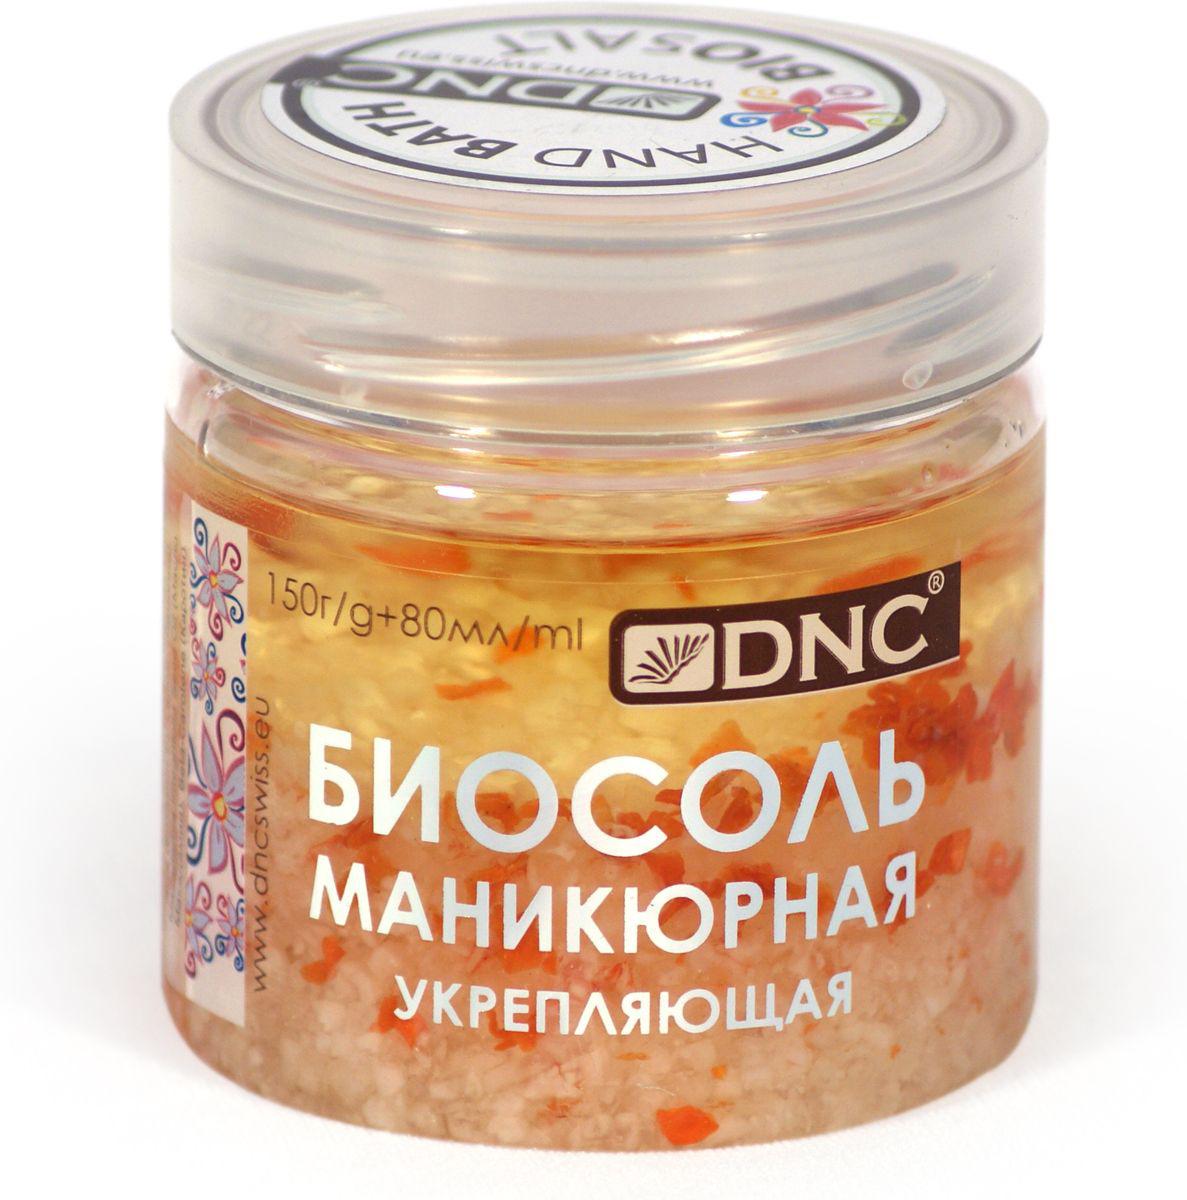 Биосоль маникюрная DNC, укрепляющая, 150 г + 80 мл4751006752832Уникальное сочетание масляного комплекса и морской соли с растительными компонентами. Содержит кокосовое масло и витамин F, насыщающие ногти необходимыми питательными веществами. Также в состав комплекса входят норковое масло и ланолин, которые укрепляют ногти и восстанавливают их структуру. Содержимого хватит примерно на 30 ванночек для рук.Как ухаживать за ногтями: советы эксперта. Статья OZON Гид